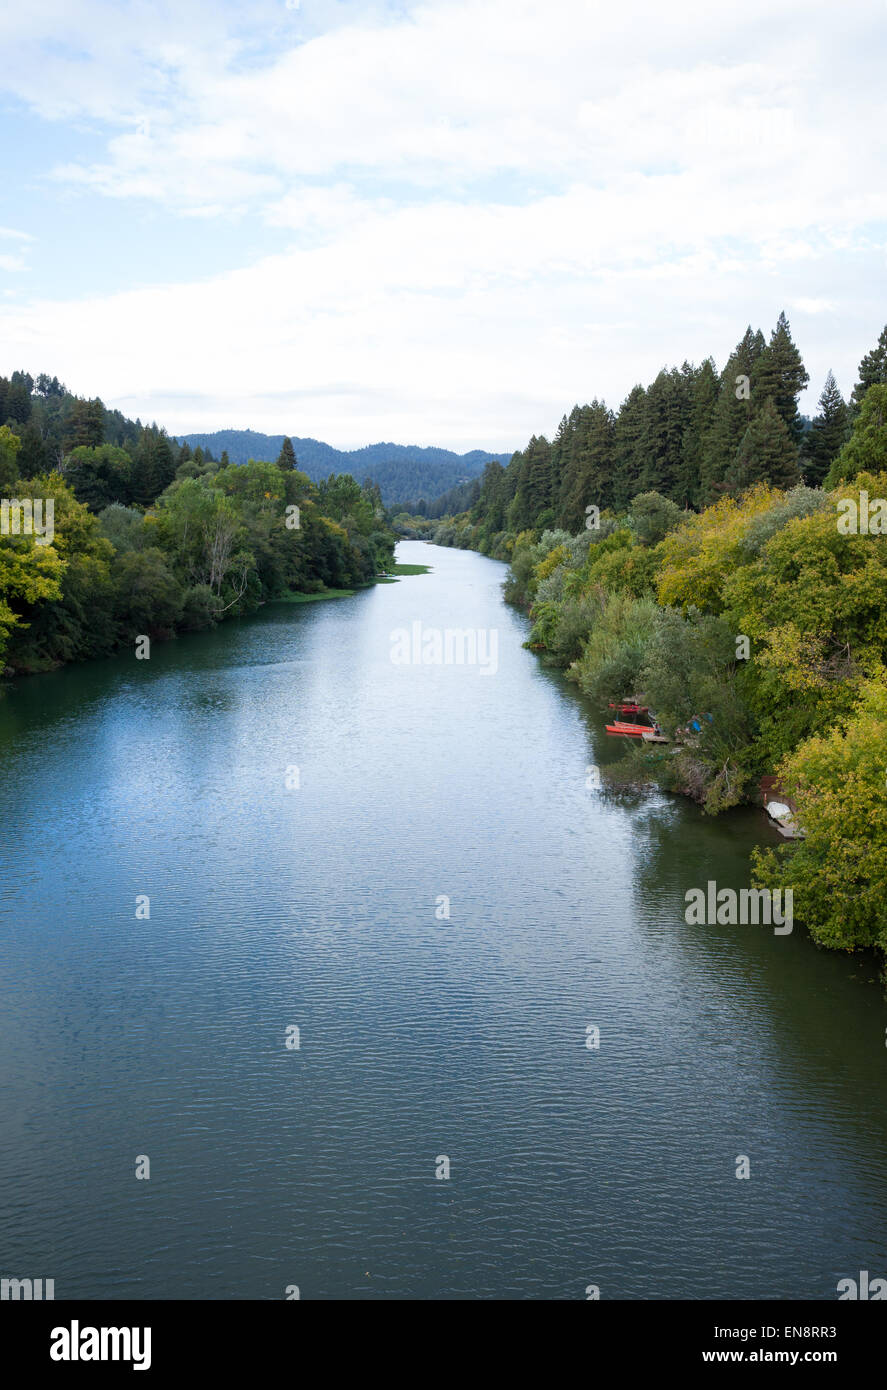 Una vista del río ruso Guernville cercano en el norte de California. Imagen De Stock